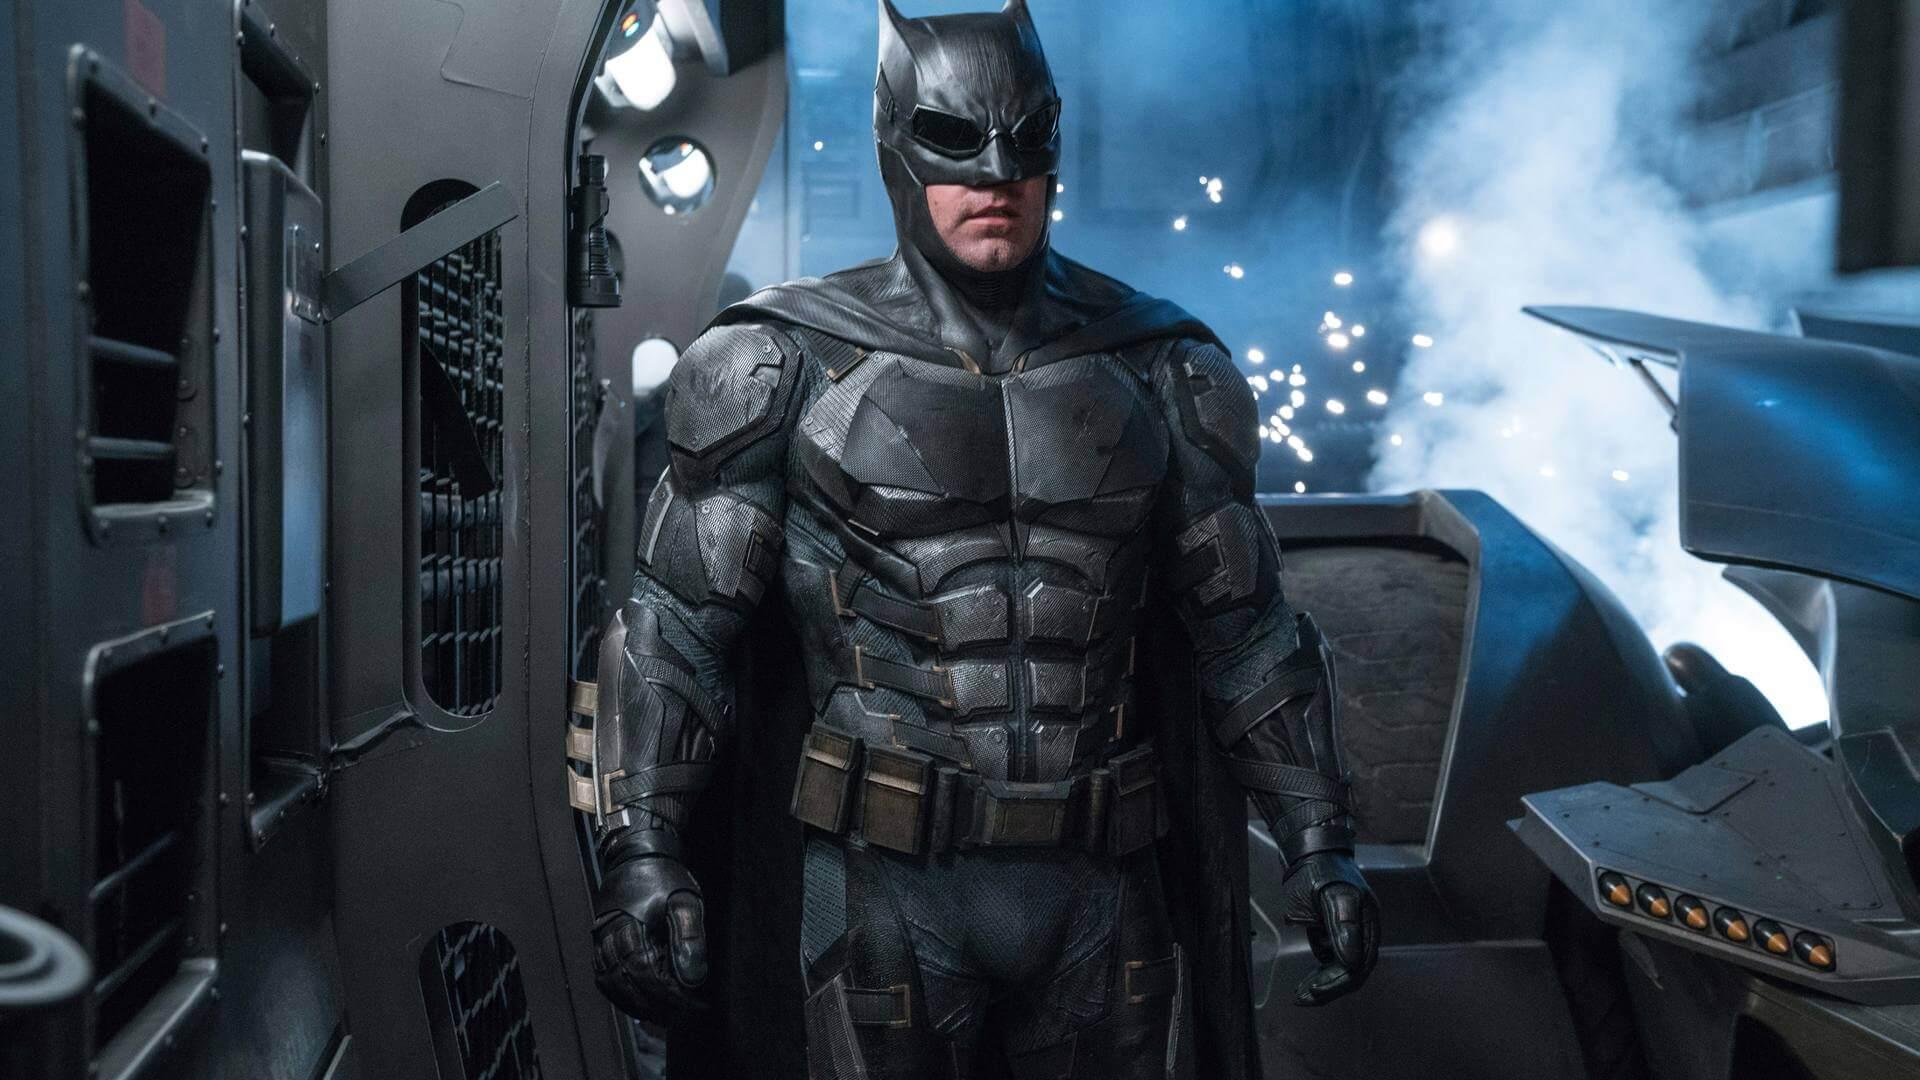 https://www.cinematographe.it/wp-content/uploads/2018/07/the-batman-ben-affleck-uscita-dceu-1.jpg